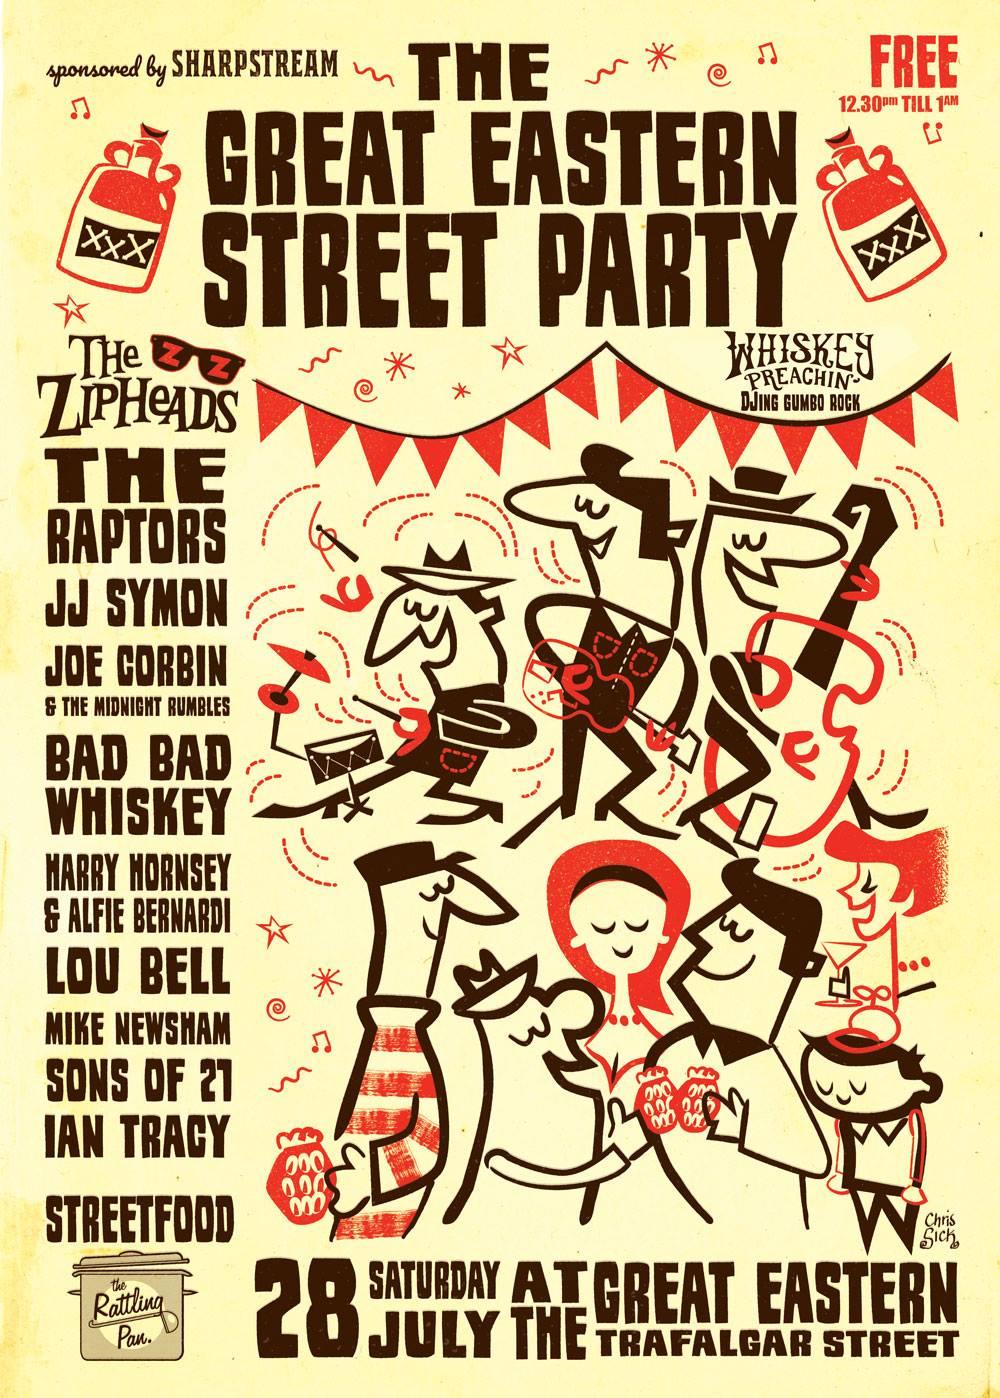 GE Street Party 18.jpg